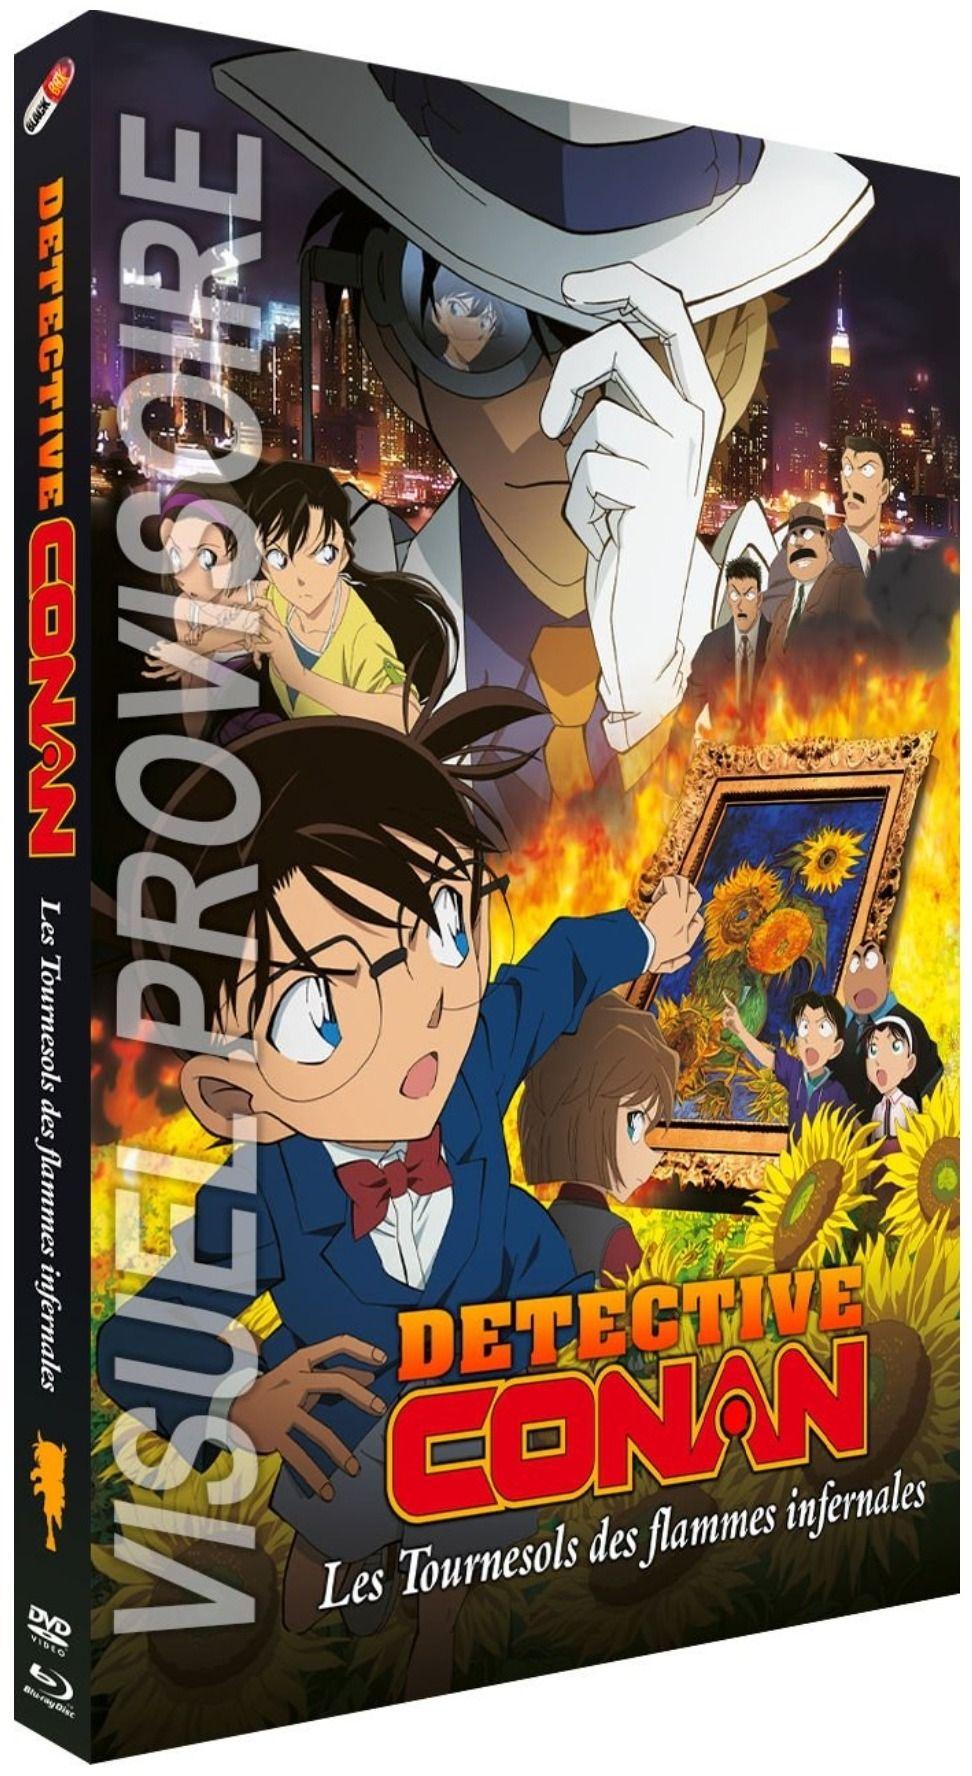 Détective Conan - Film 19 : Les Tournesols des flammes infernales - Combo Blu-ray + DVD